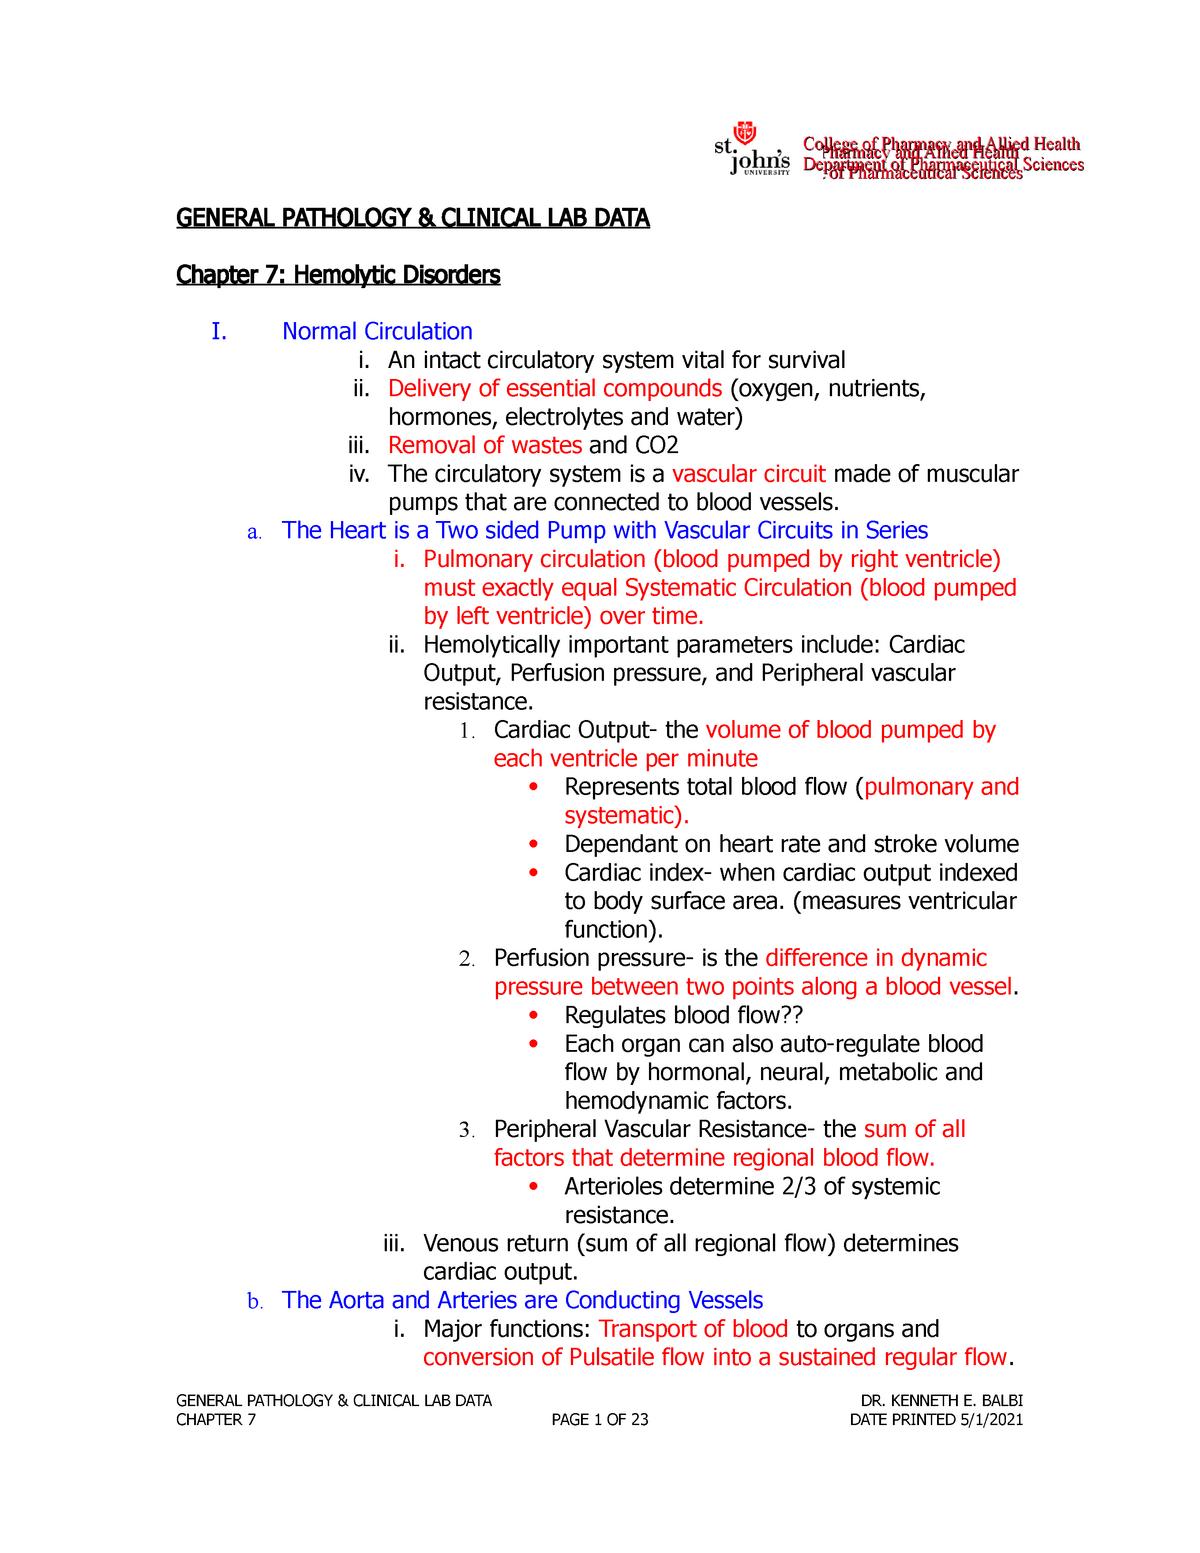 General Pathology Chapter 7 Outline - StuDocu